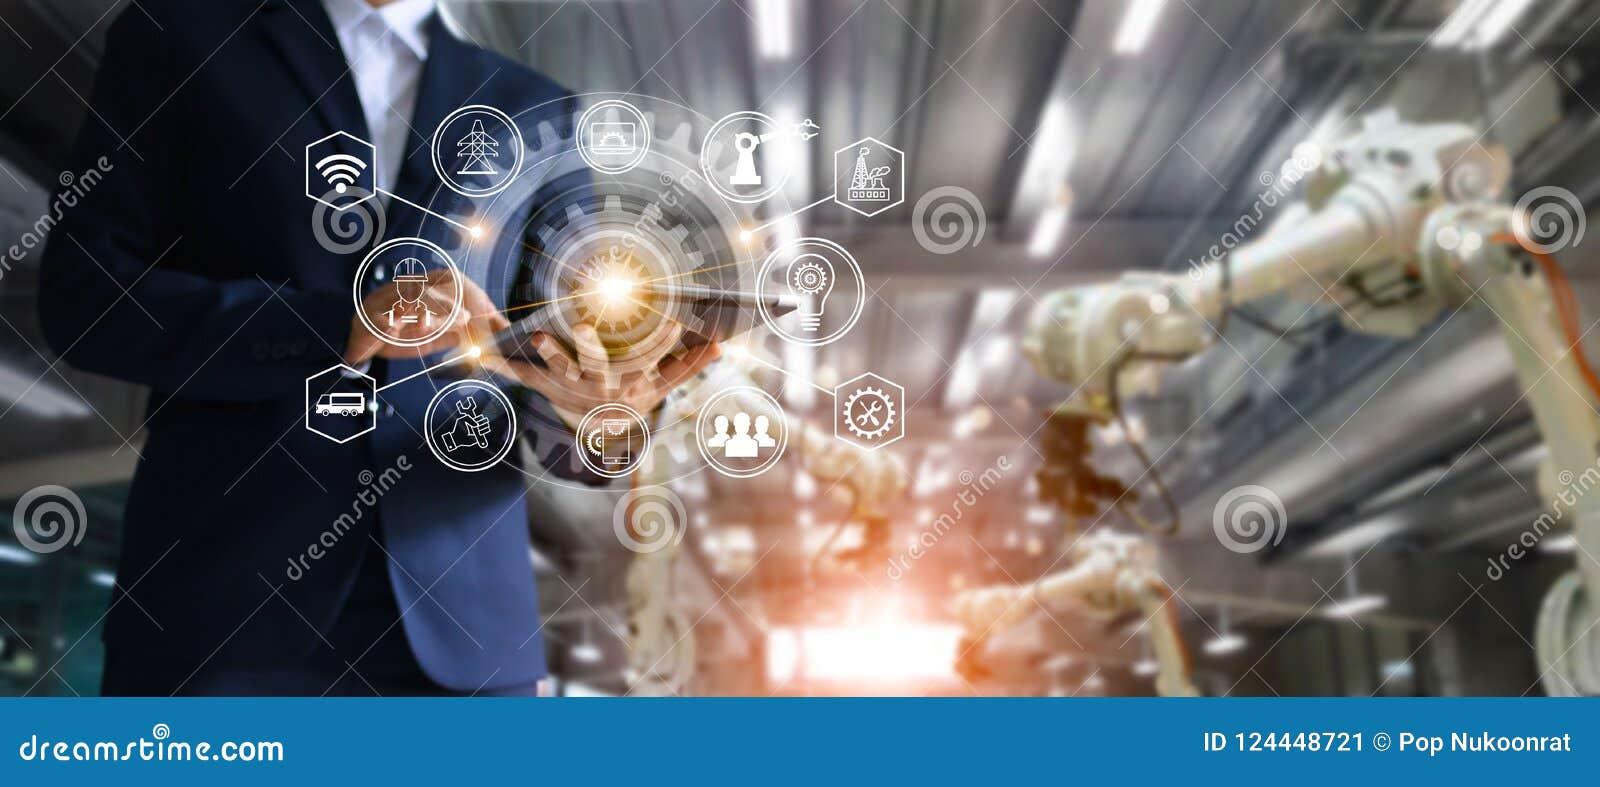 Industrie, 4 Automatisierung mit 0 Konzept, Ikonenflüssen und Datenaustausch